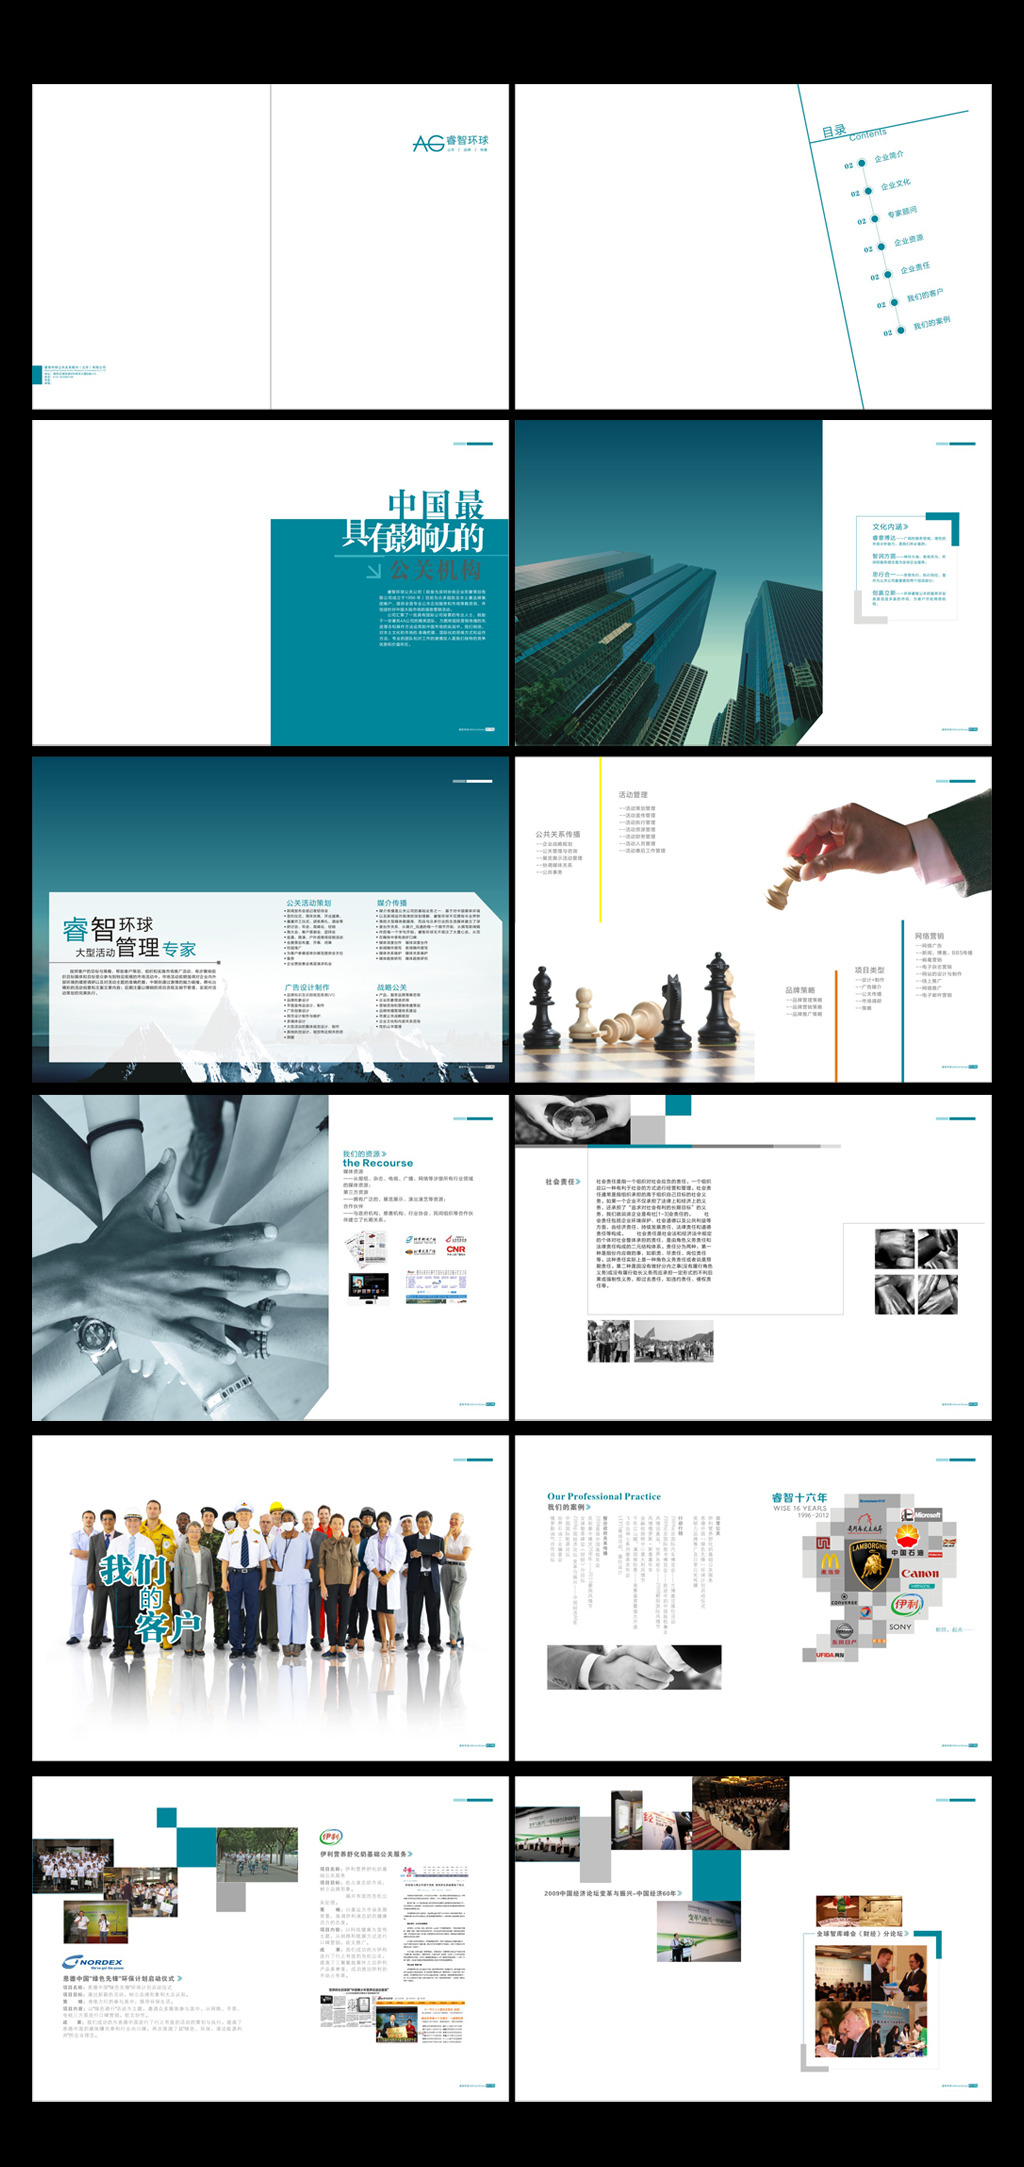 招商加盟手册画册宣传册设计模板下载 招商加盟手册画册宣传册设计